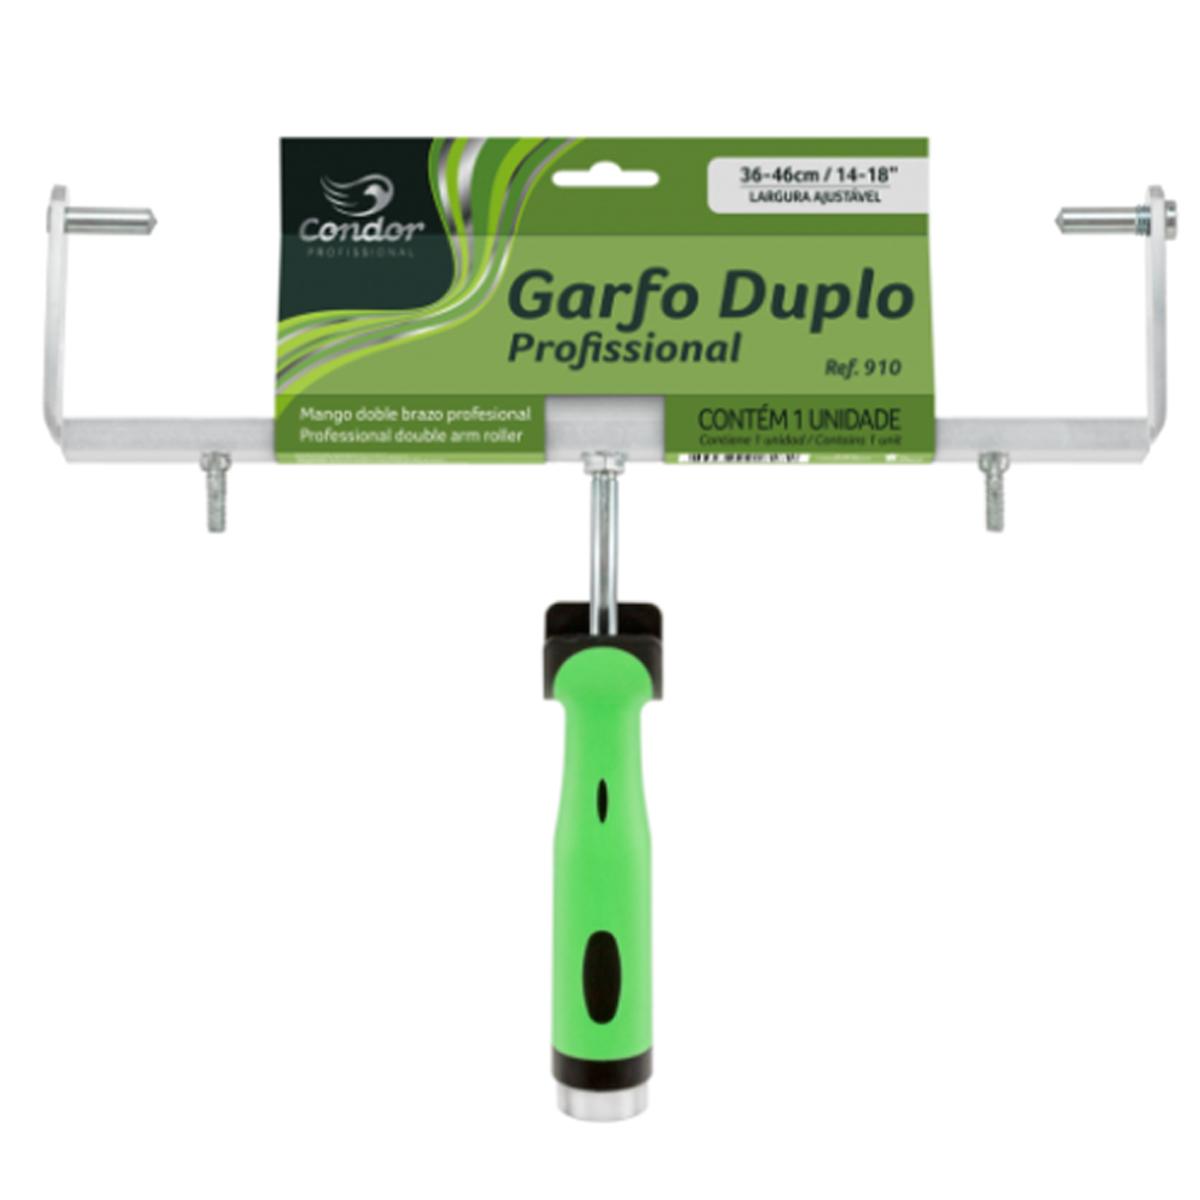 Garfo Duplo Ajustável 36 a 46cm P/ Big Rolo 910 Condor